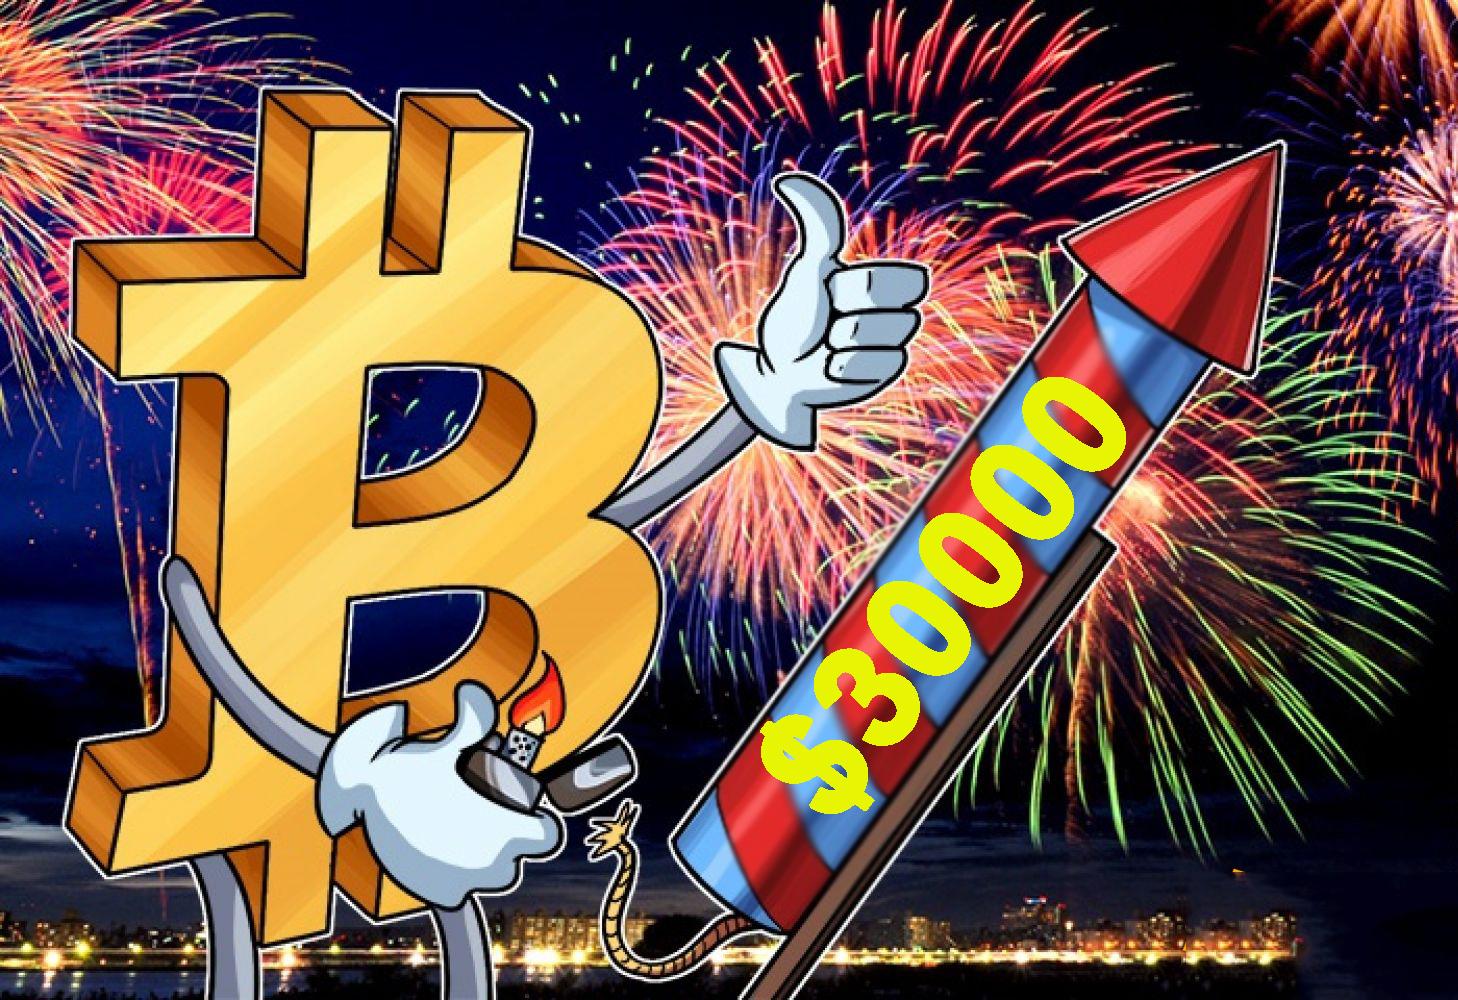 [HOT] Bitcoin phá đỉnh cũ, lập kỷ lục 30.000 USD trong đêm và cái kết…